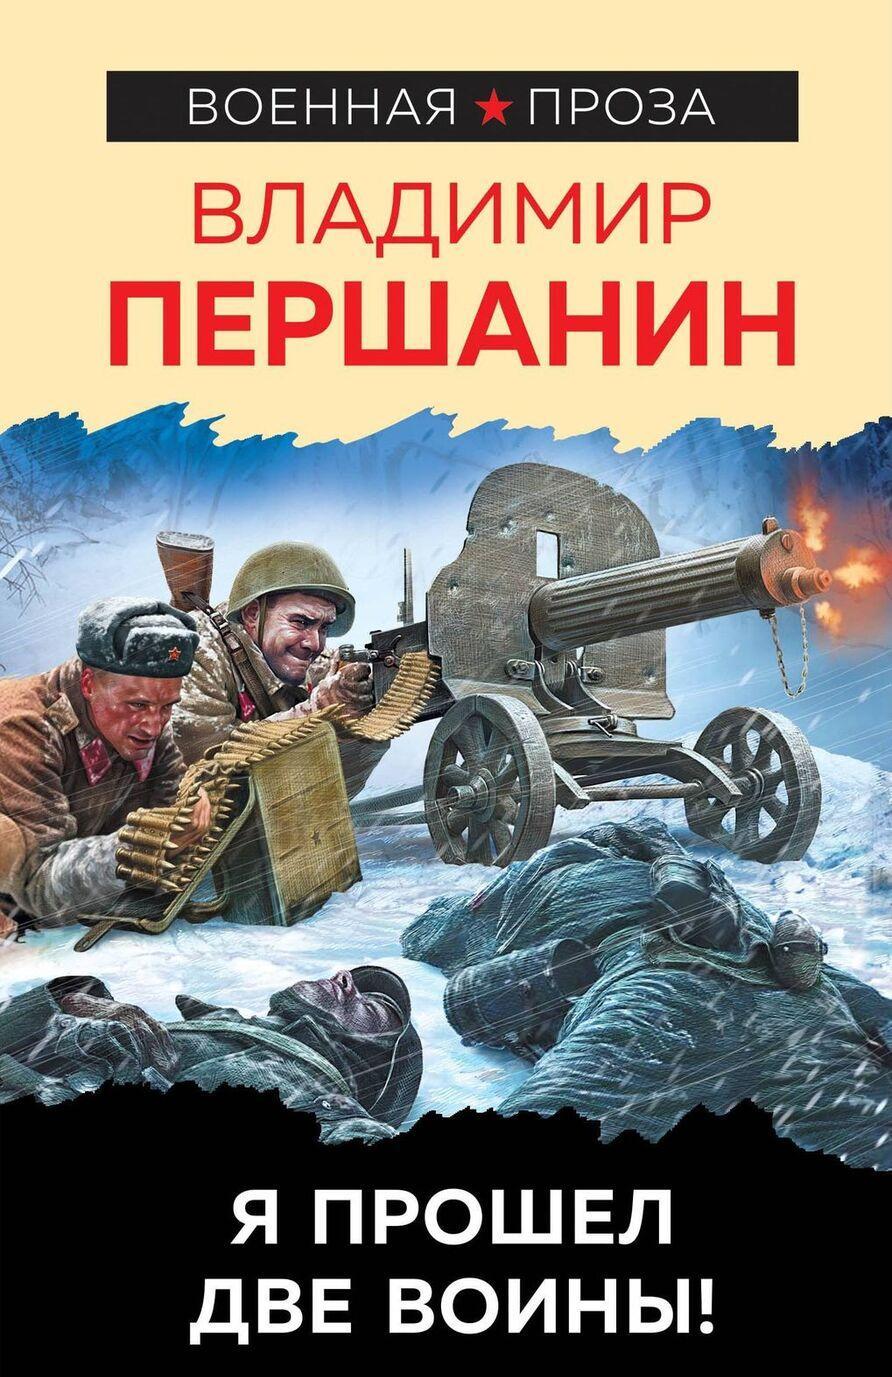 Ja proshel dve vojny! | Pershanin Vladimir Nikolaevich